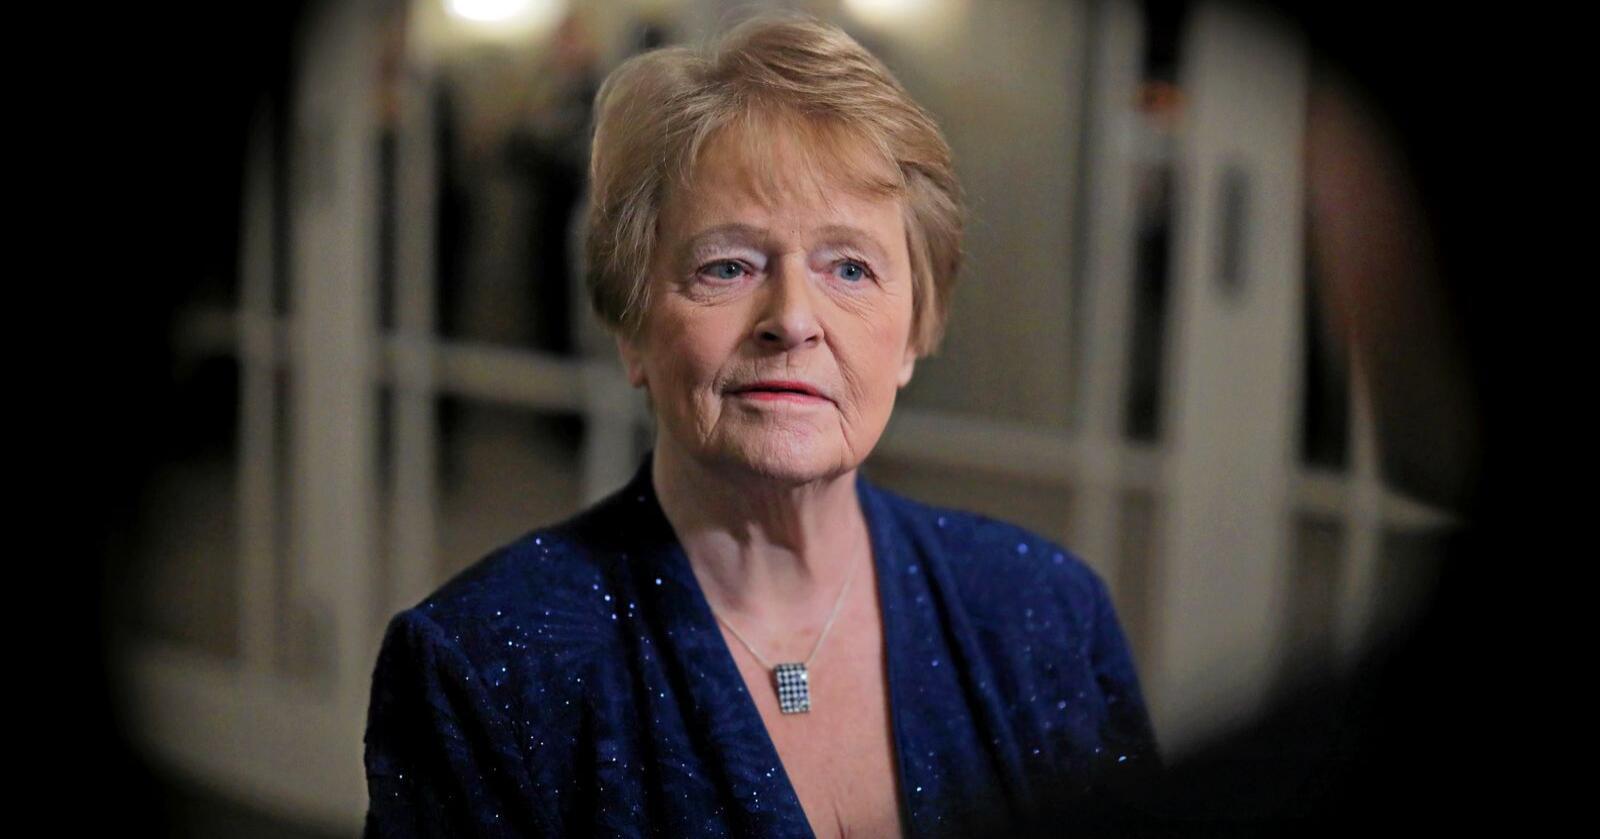 Advarer: Tidligere WHO-sjef Gro Harlem Brundtland advarer mot å svekke Verdens Handelsorganisasjon. Foto: Ørn E. Borgen / NTB scanpix